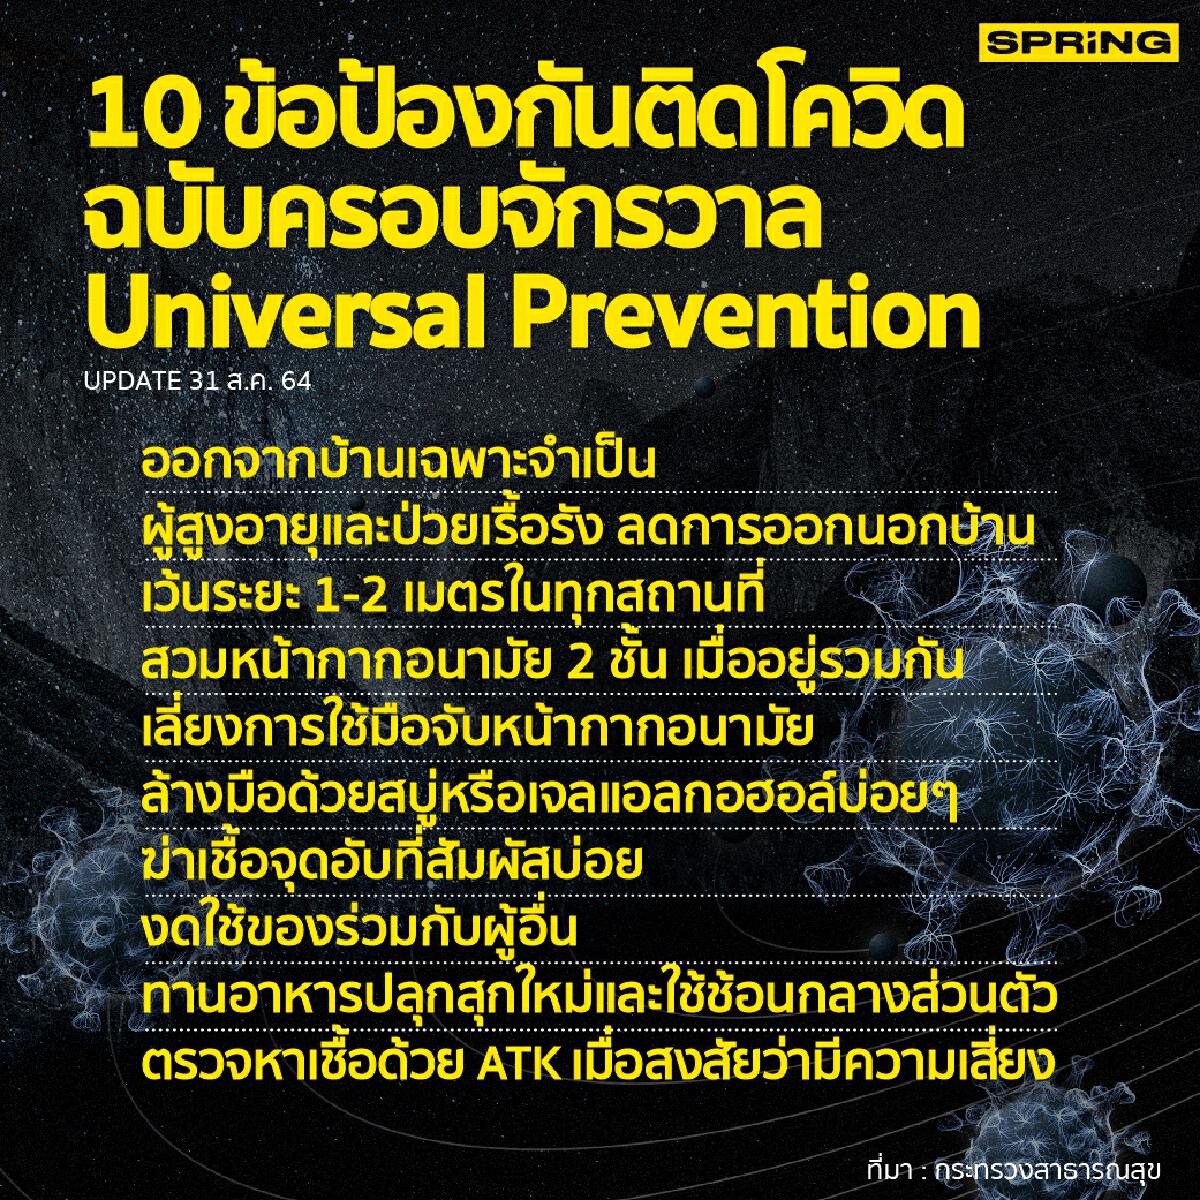 10 หลักการป้องกันติดโควิด ตามมาตรการ Universal Prevention